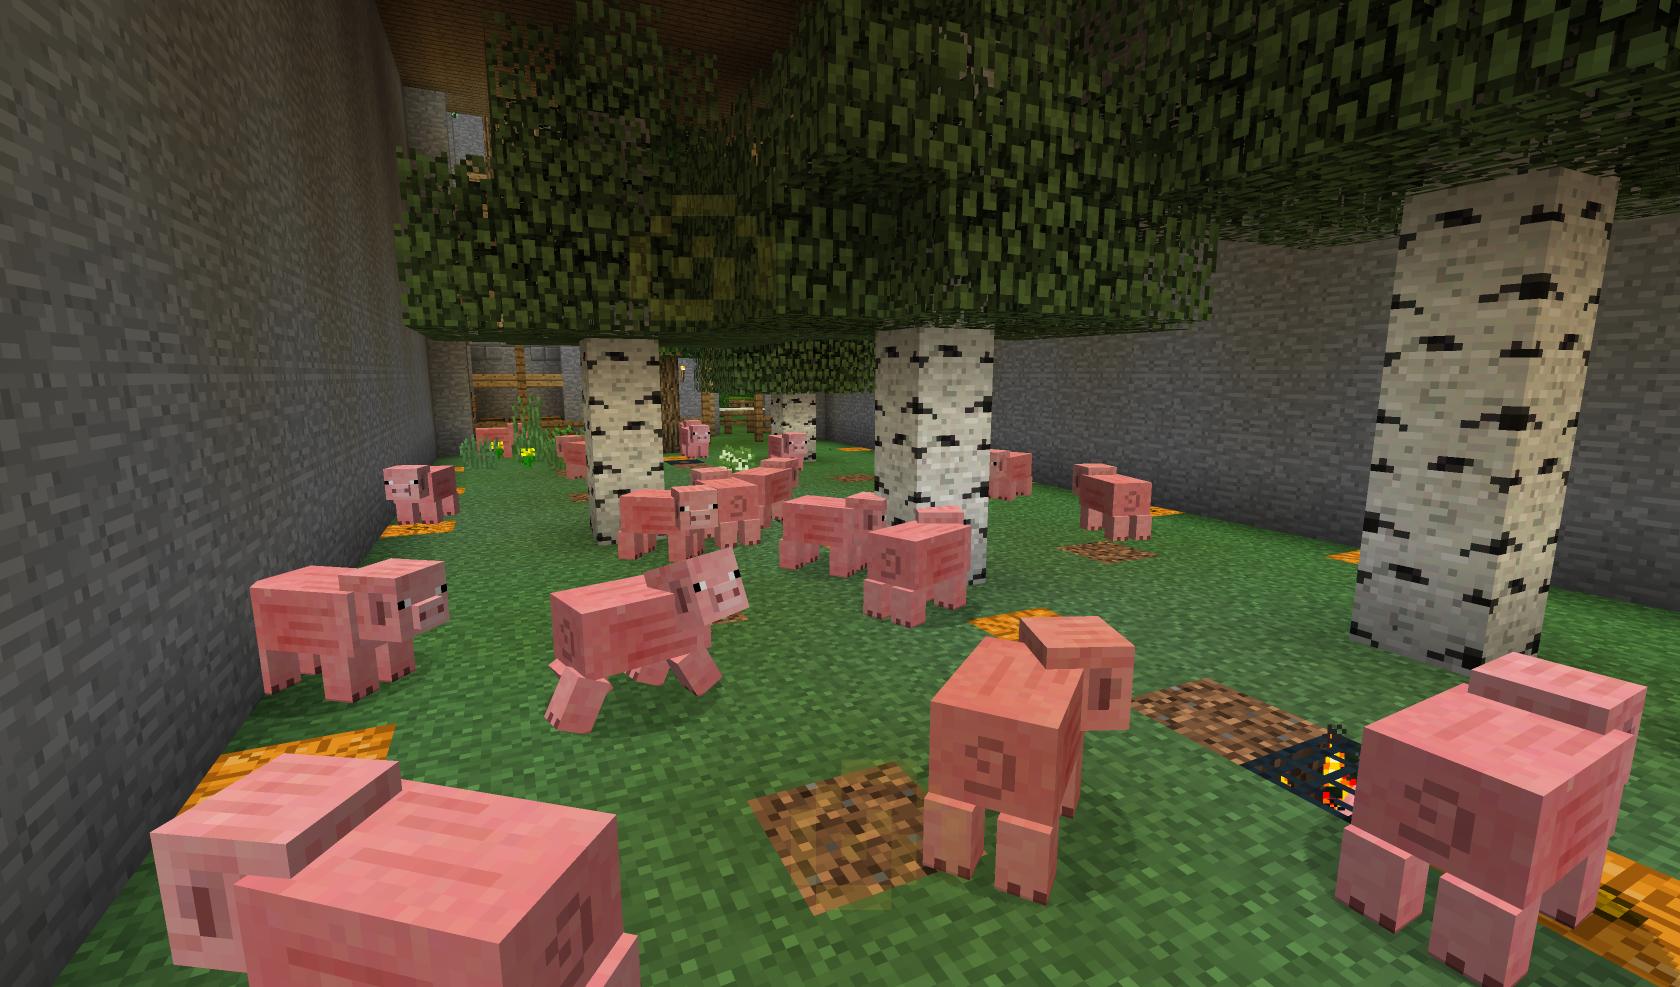 Unsere Baumfarm mit Schweinespawnern